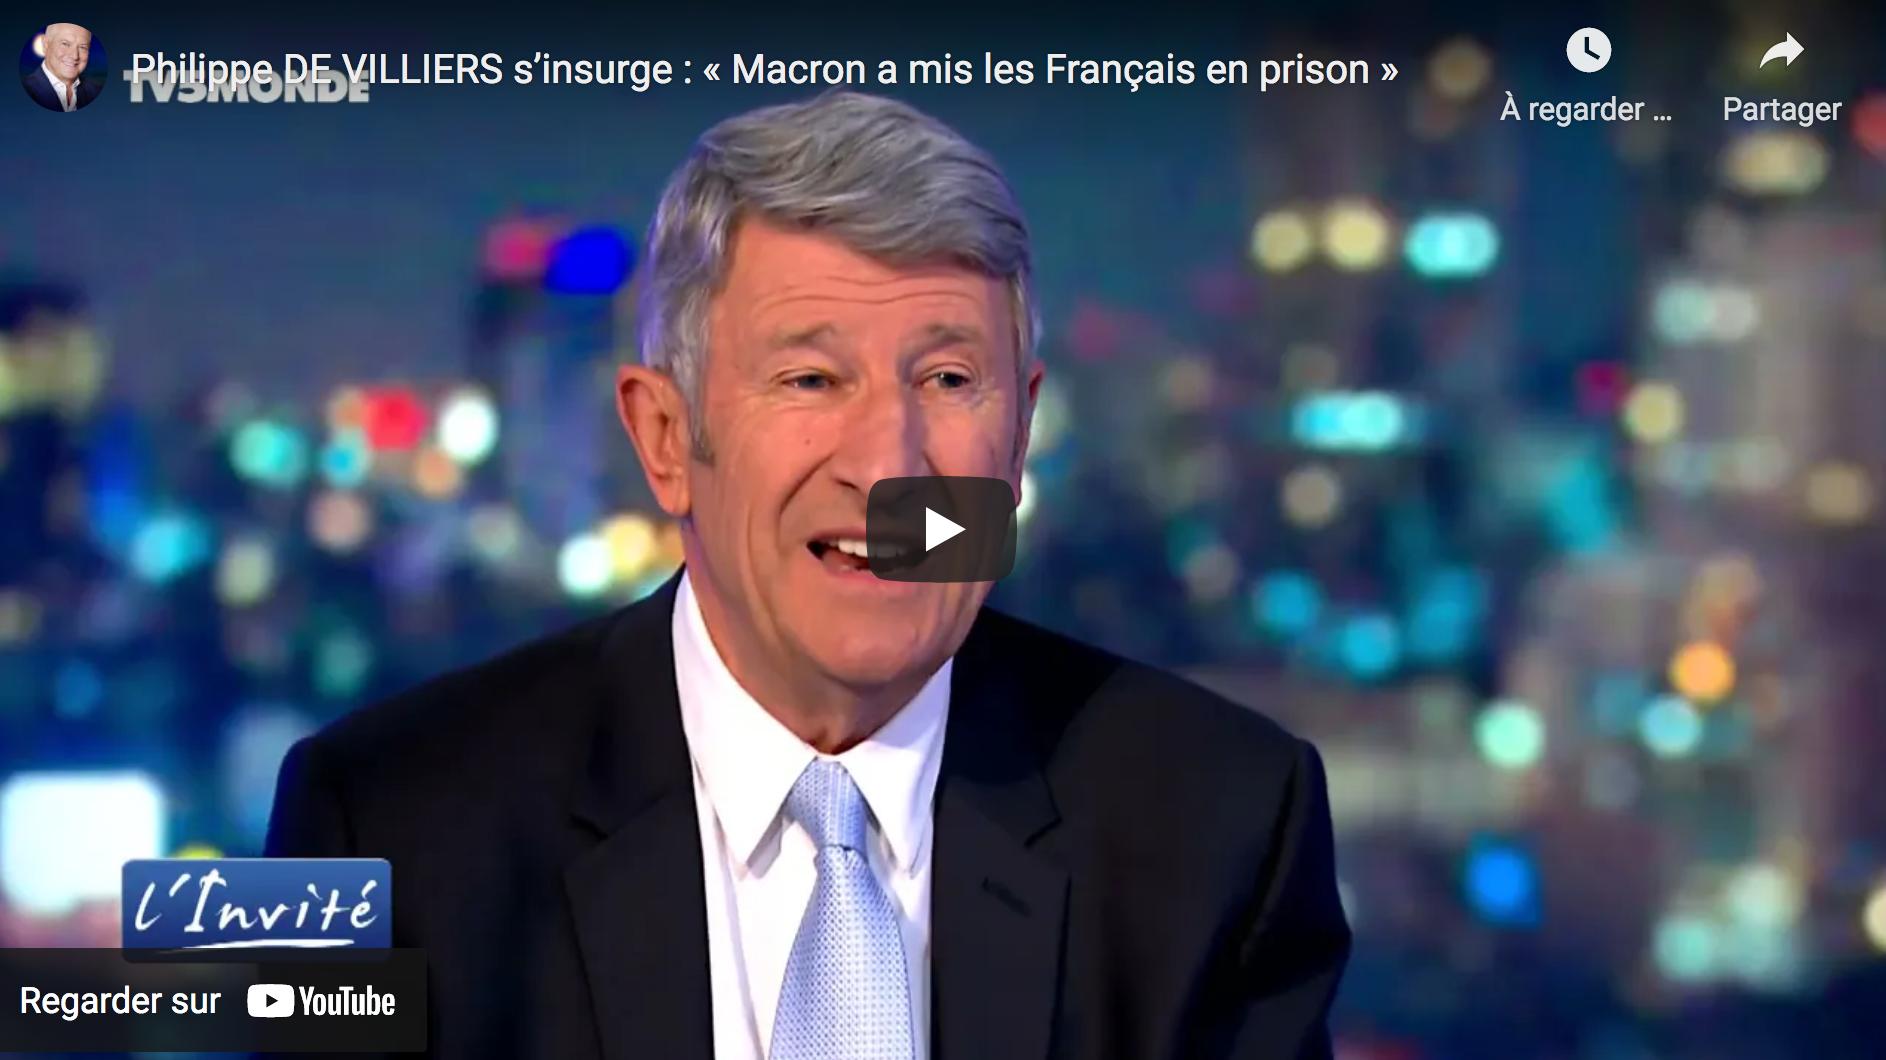 Philippe de Villiers s'insurge : « Emmanuel Macron a mis les Français en prison » (ENTRETIEN)